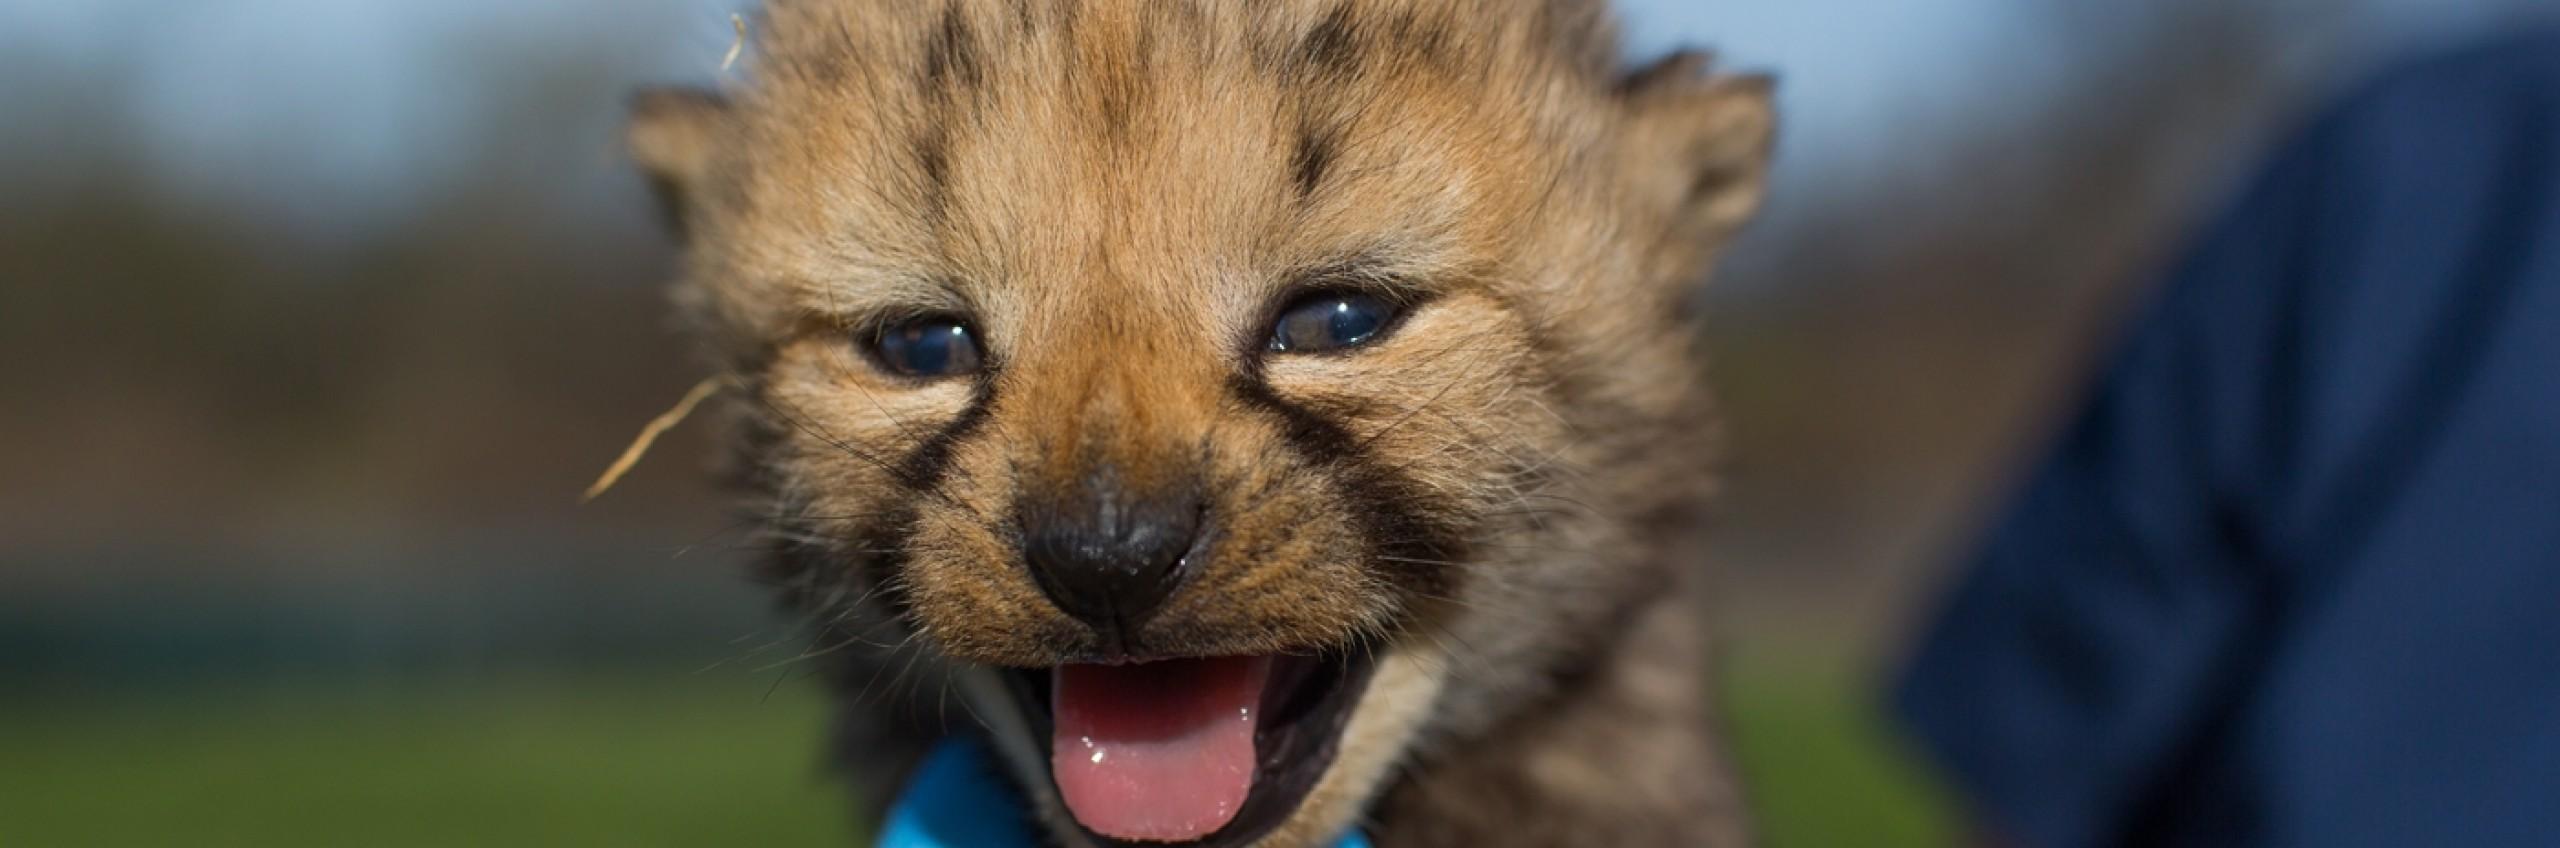 cheetah cub born in 2017